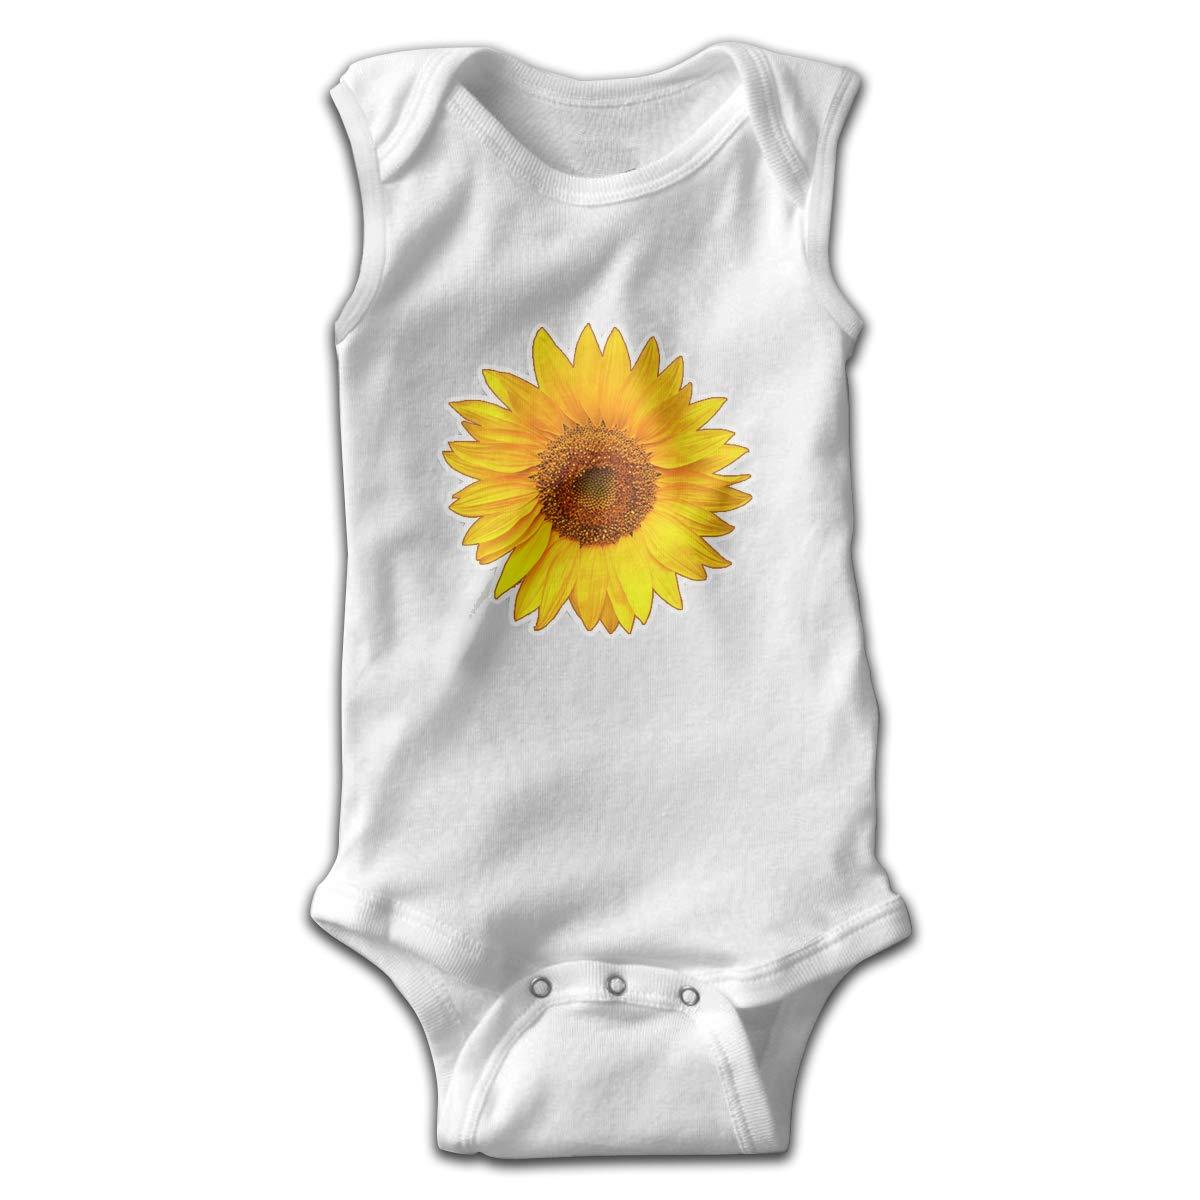 Dunpaiaa Golden Yellow Sunflower Smalls Baby Onesie,Infant Bodysuit Black